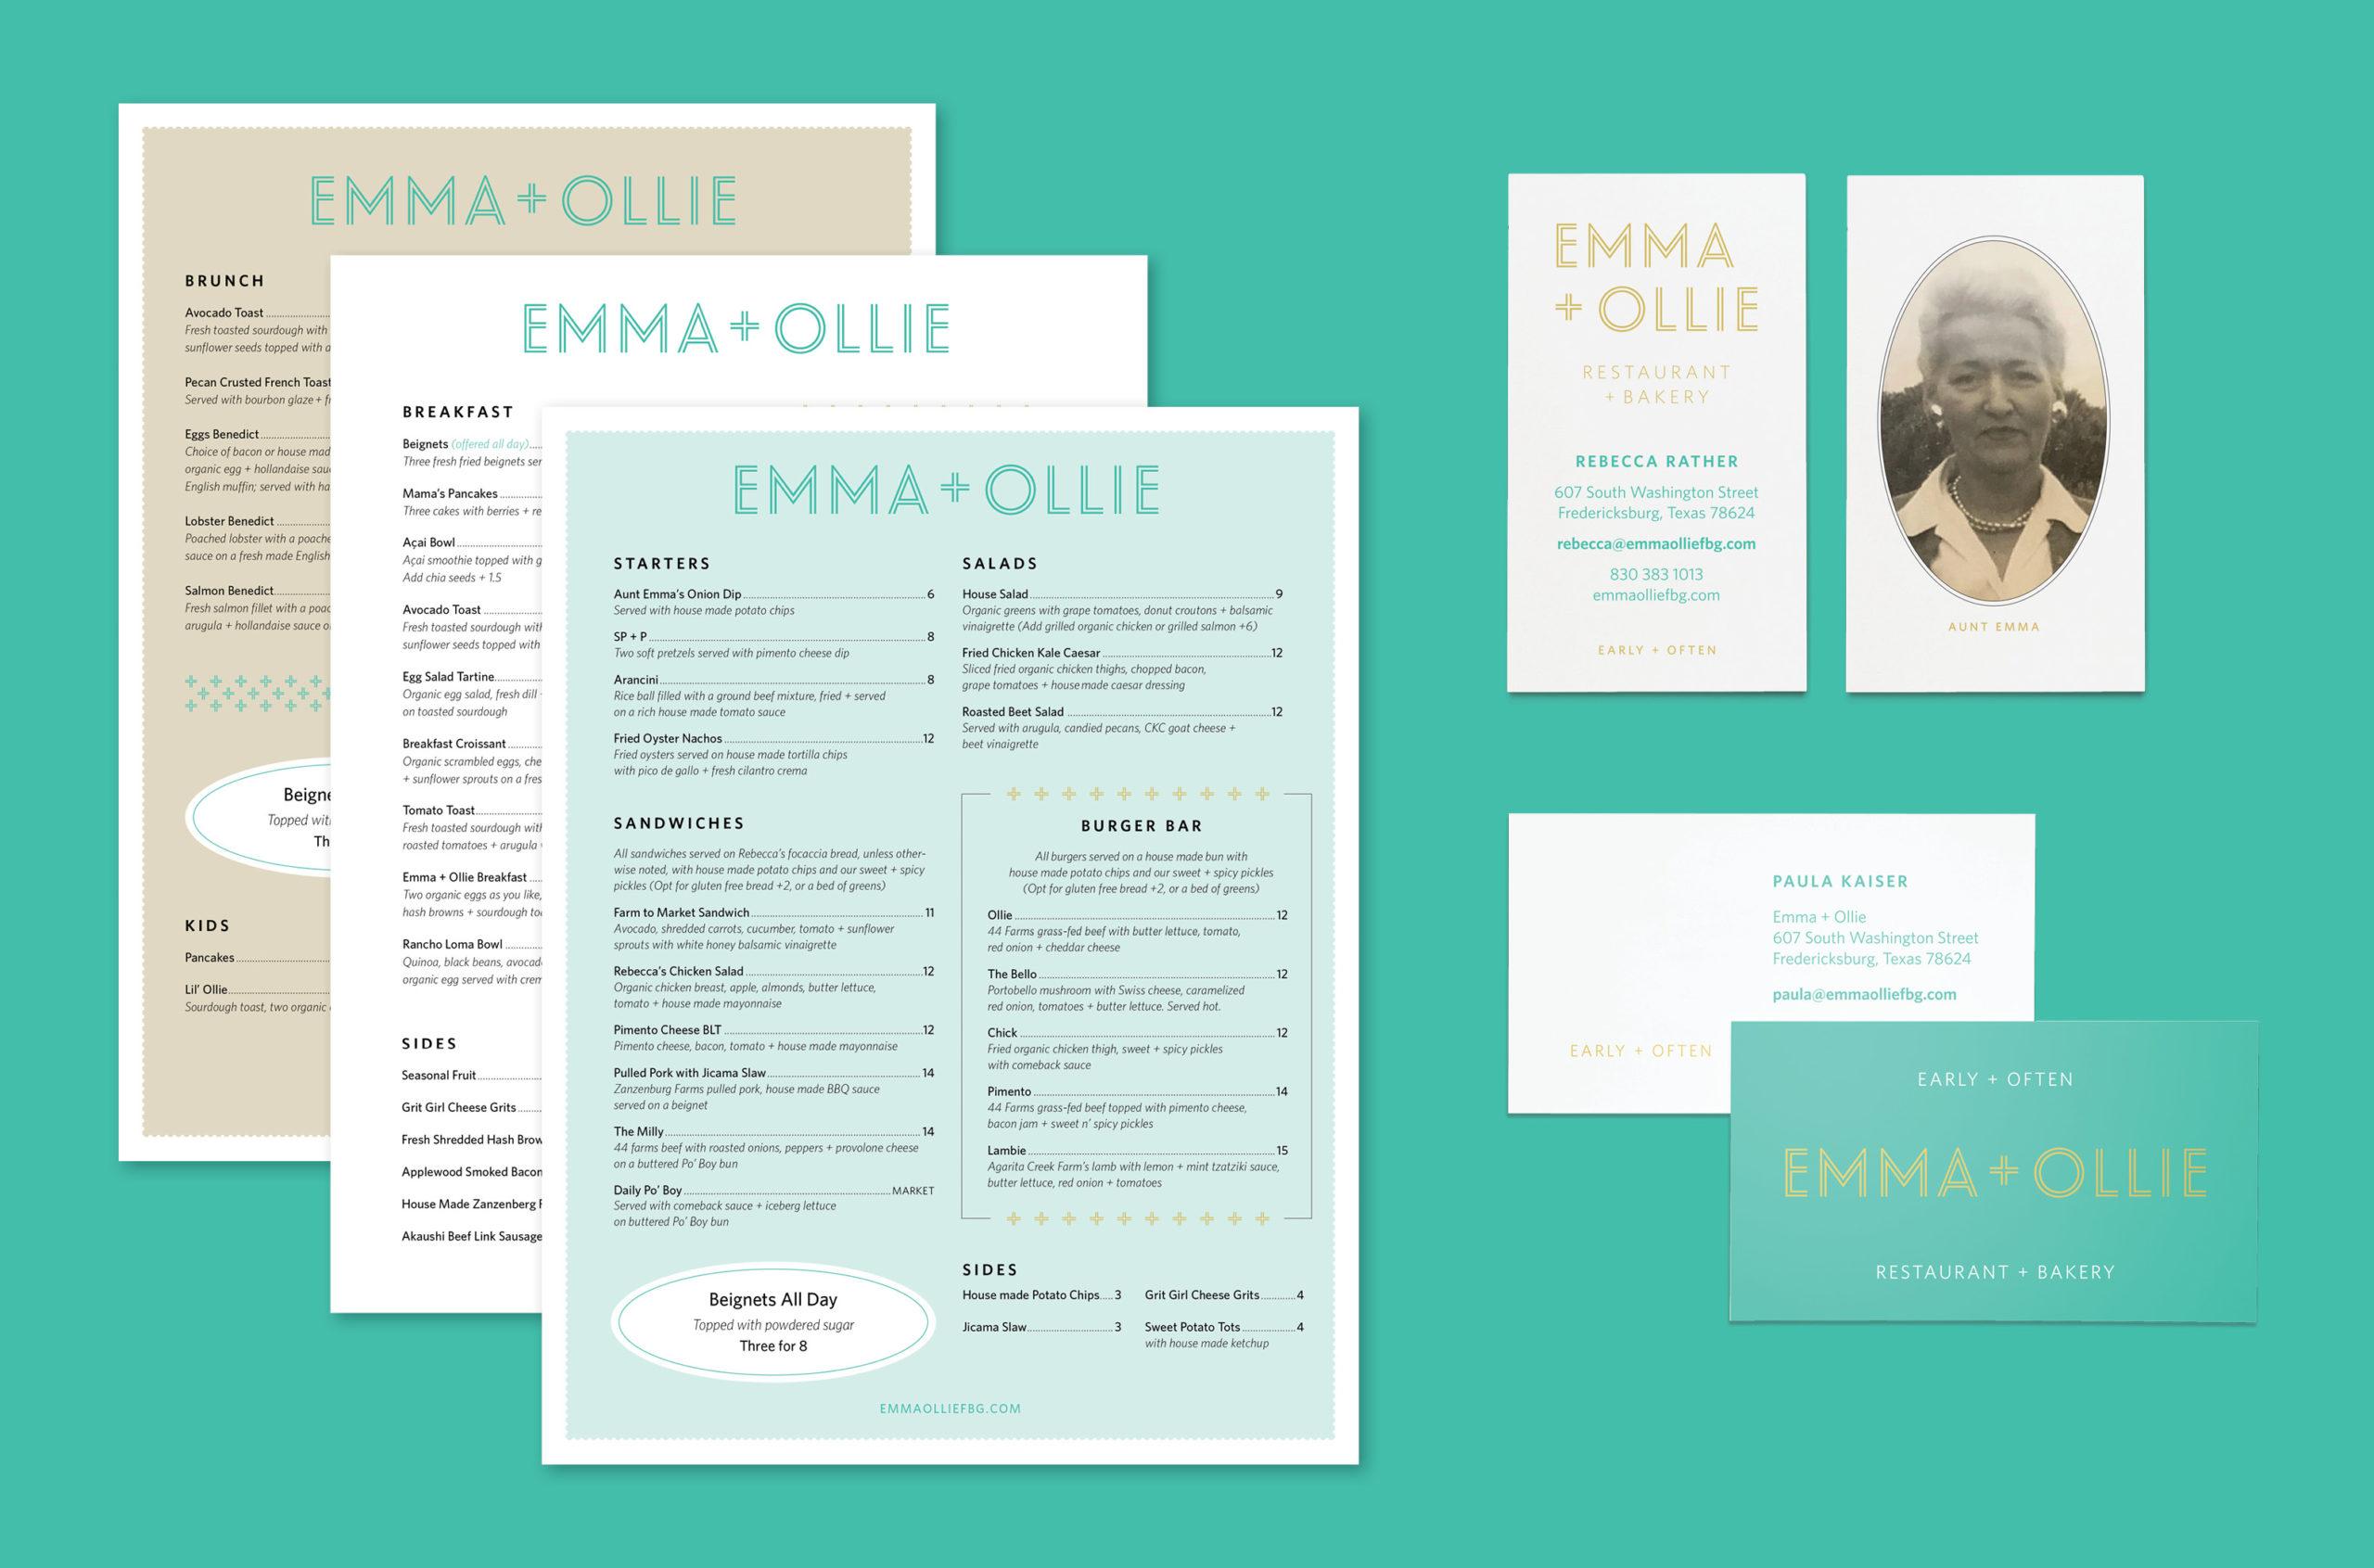 E+O menus and cards